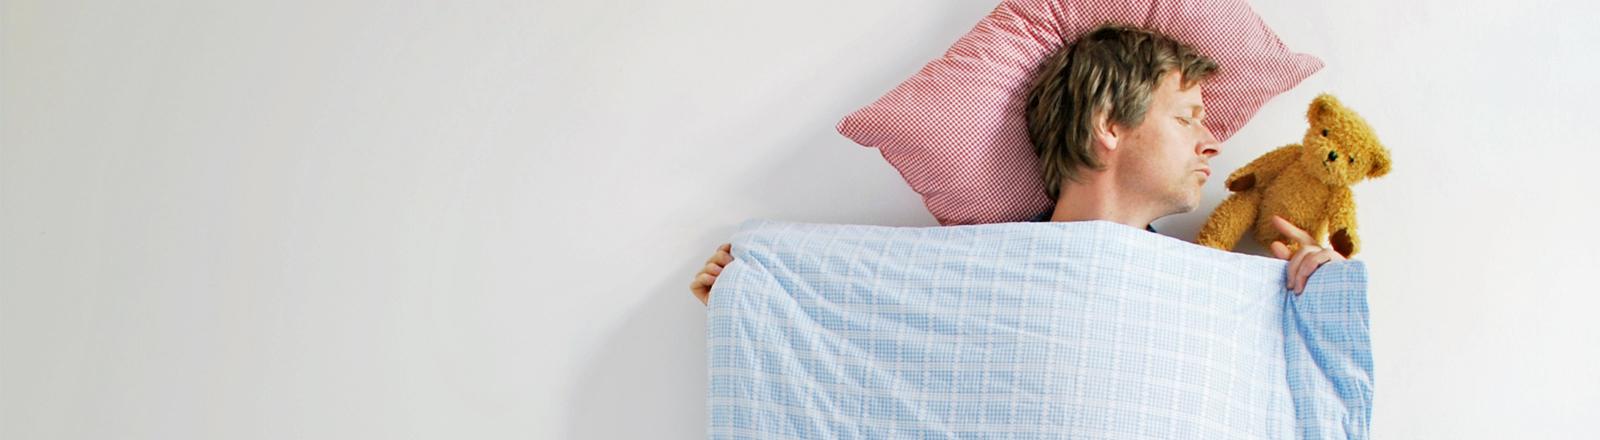 Ein Mann liegt im Bett und kuschelt mit einem Teddy.